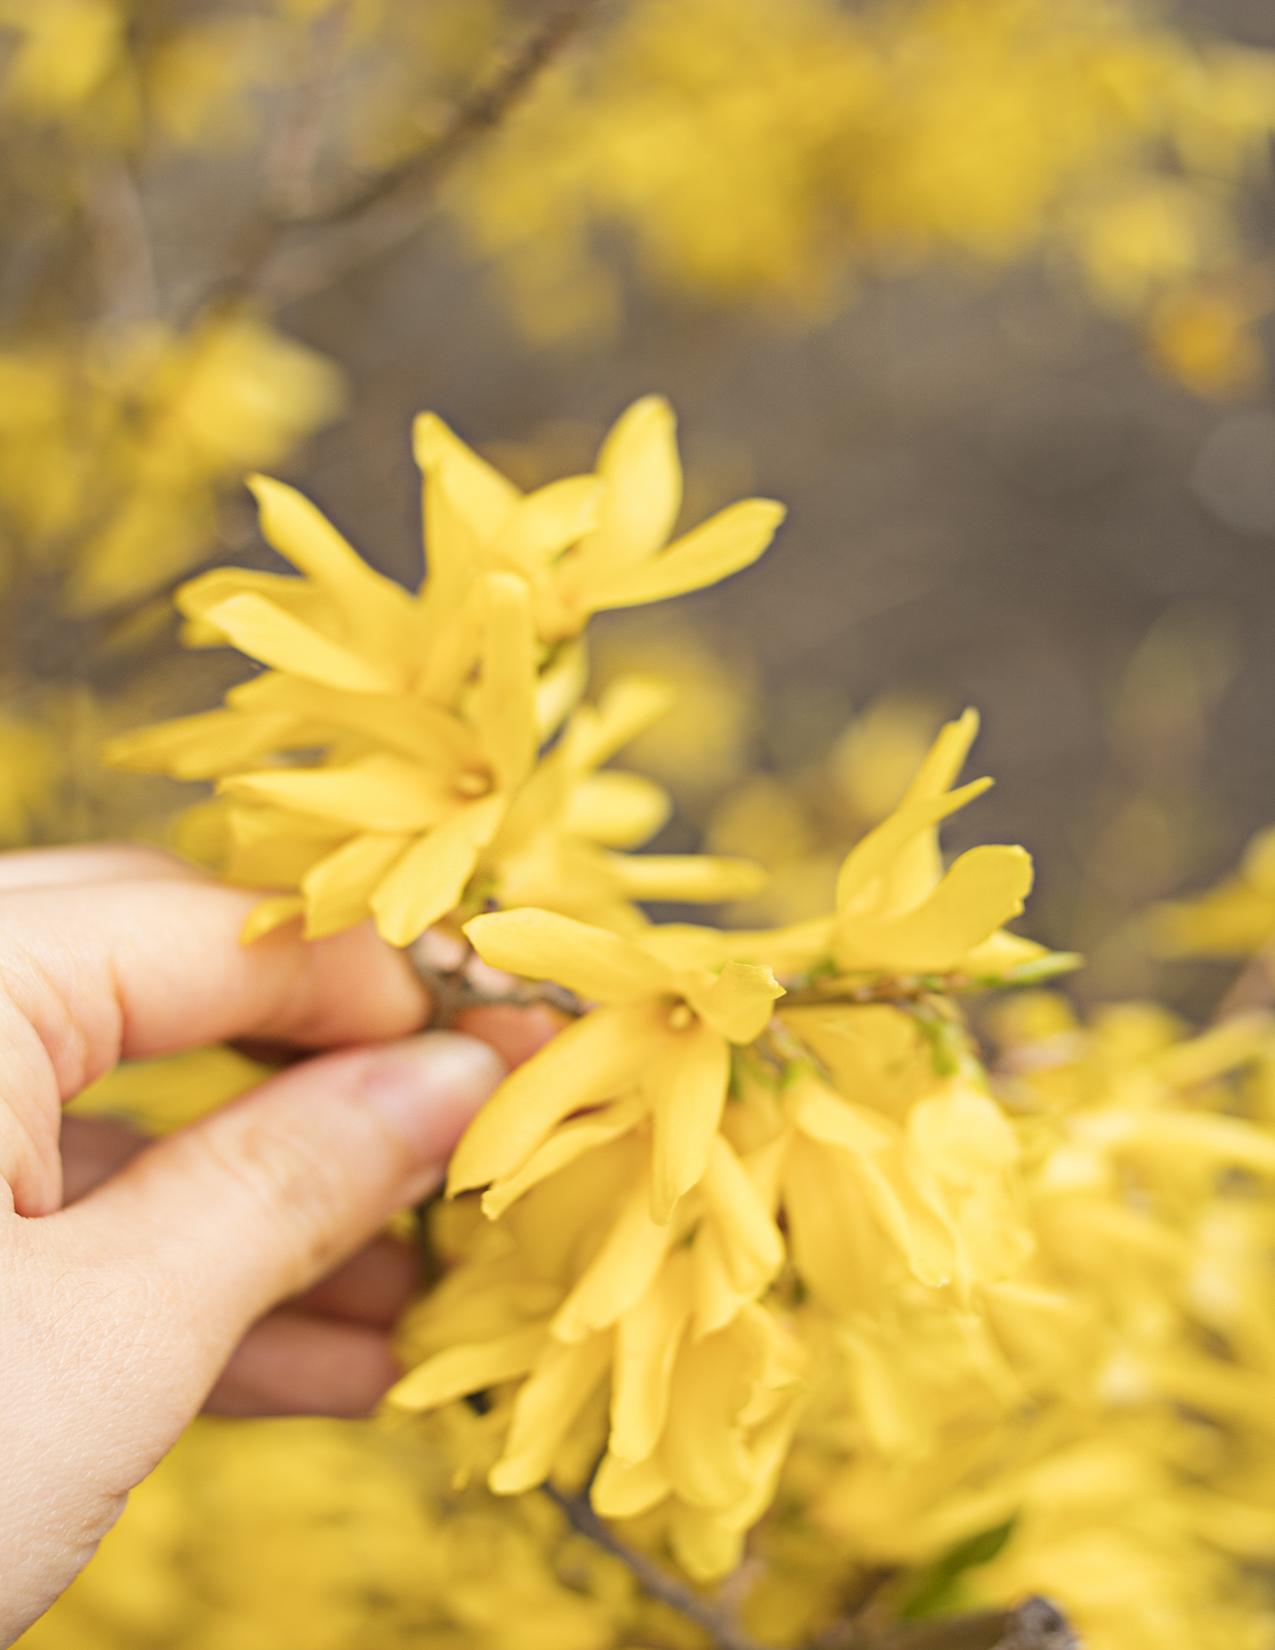 Eileen_Ko_Assignment_4_Yellow_FLowers_Hand